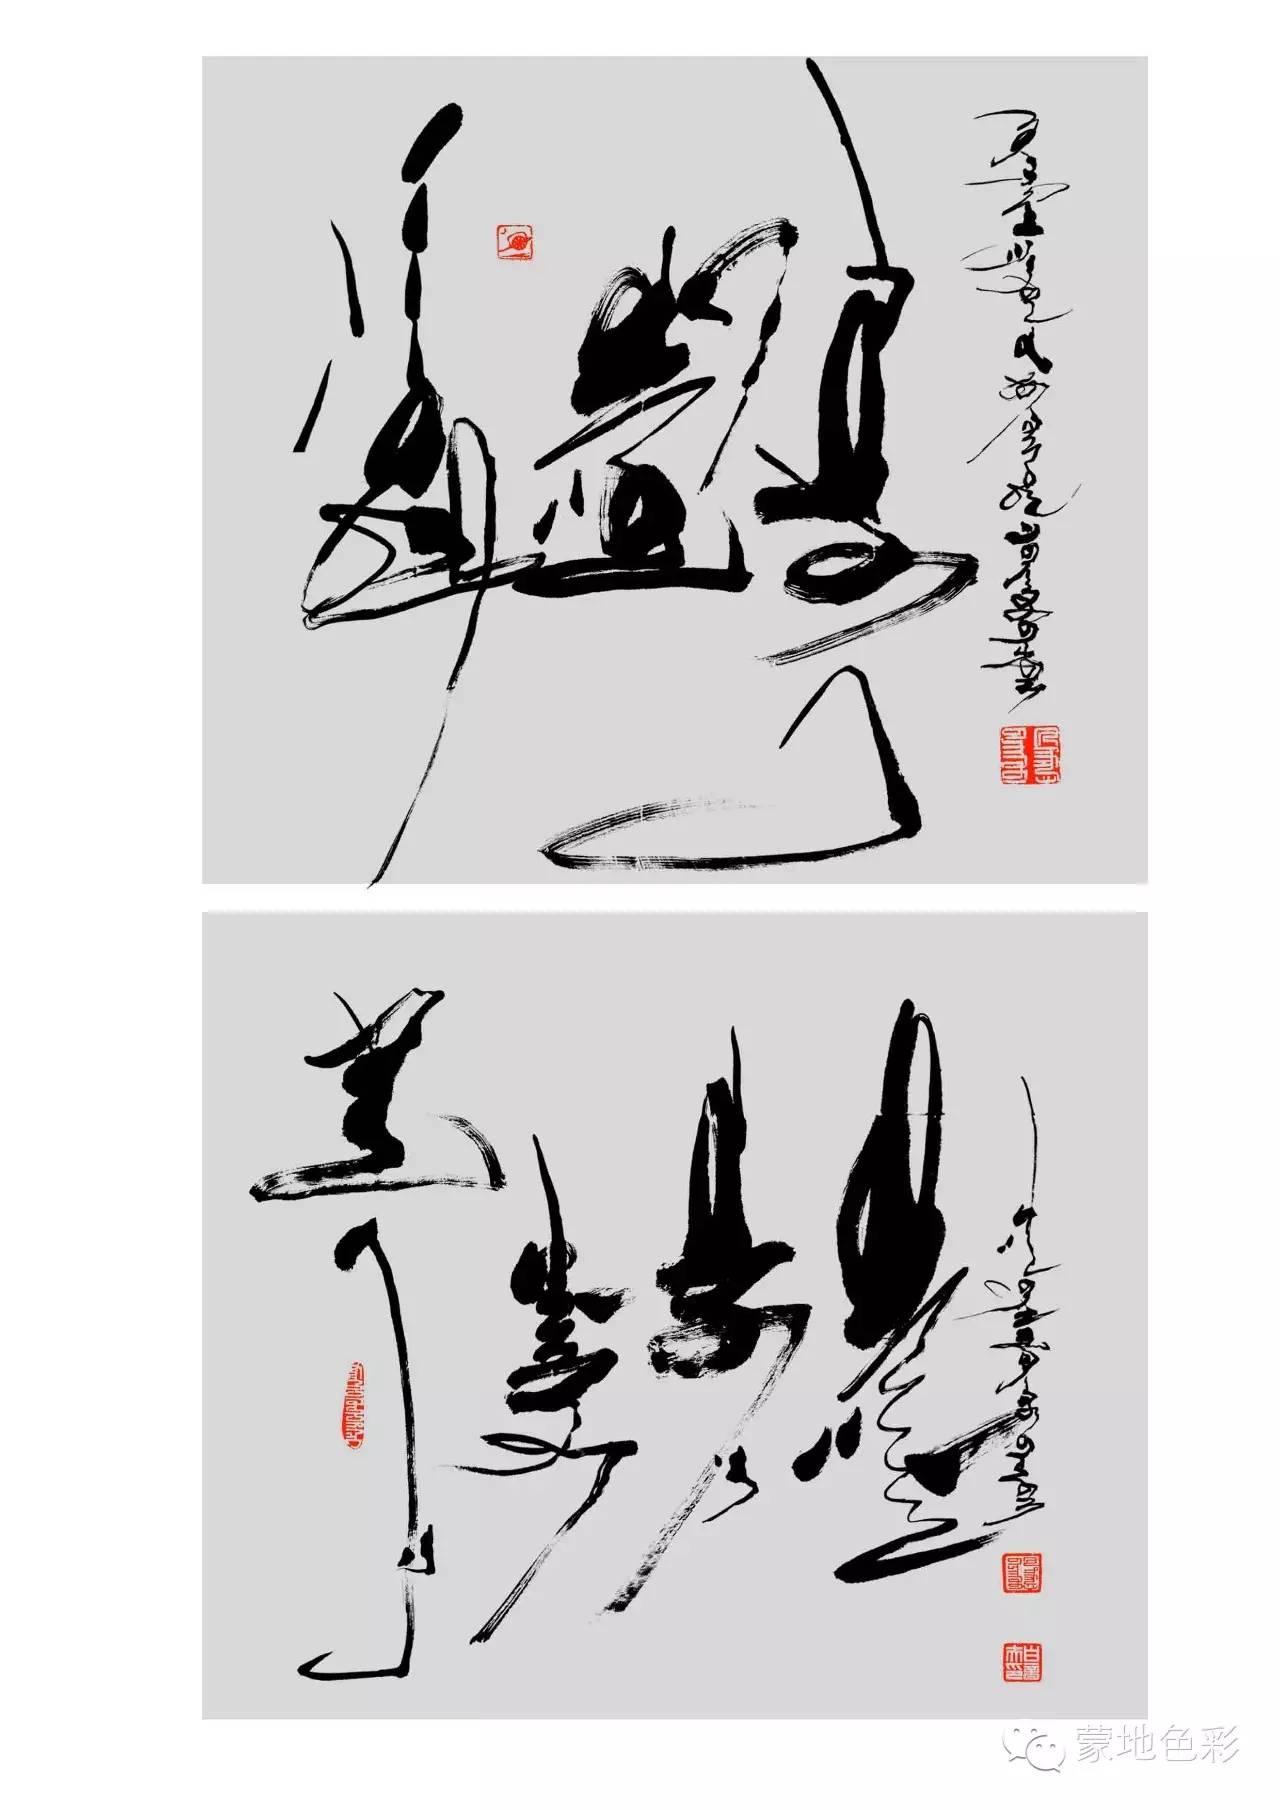 蒙古文书法艺术 第4张